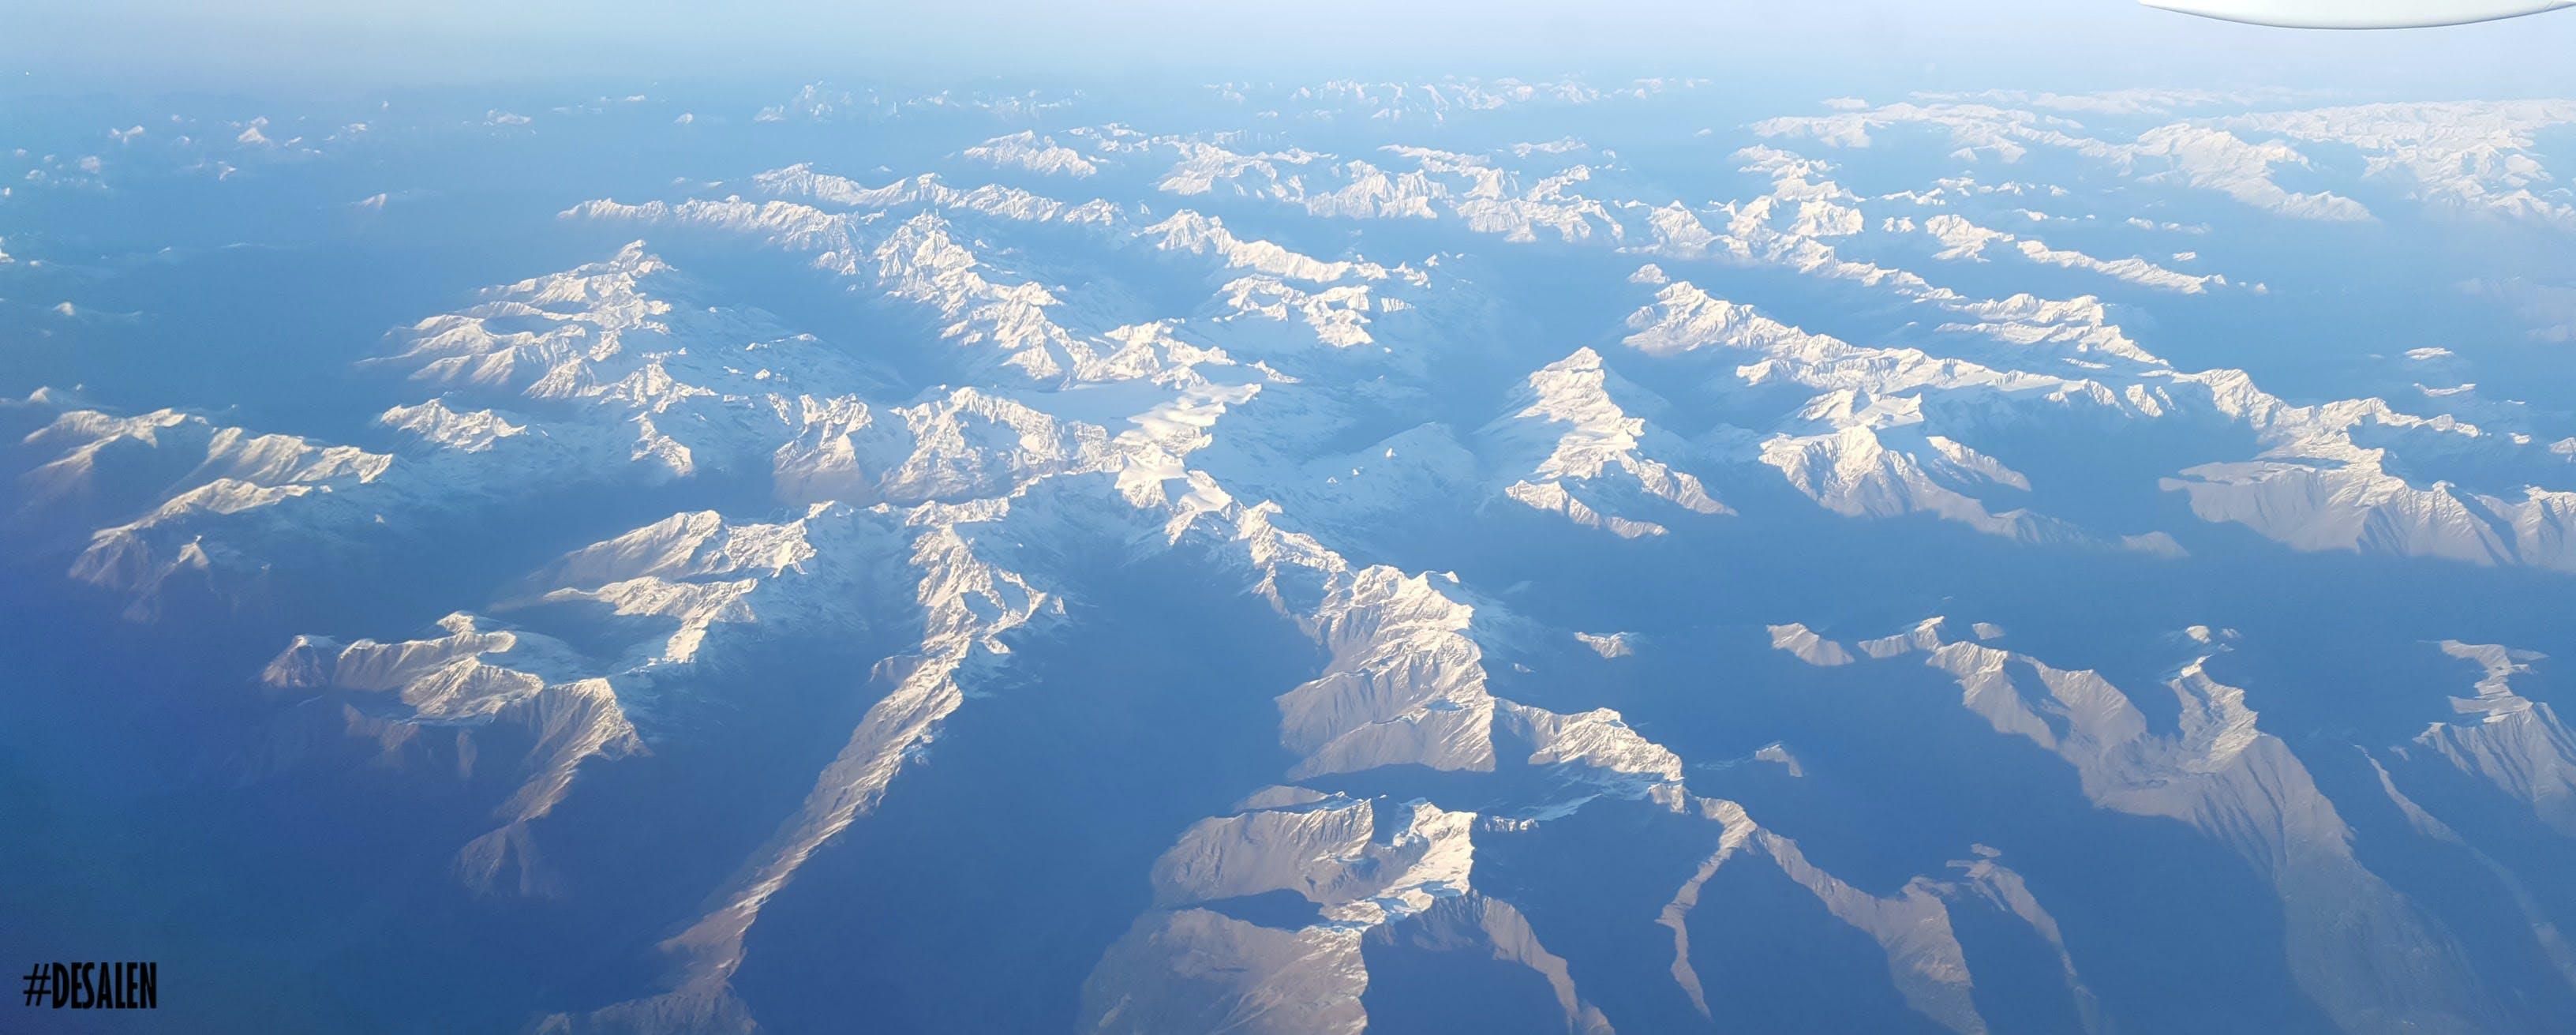 Gratis lagerfoto af alperne, alps mountain, blå bjerge, blå himmel